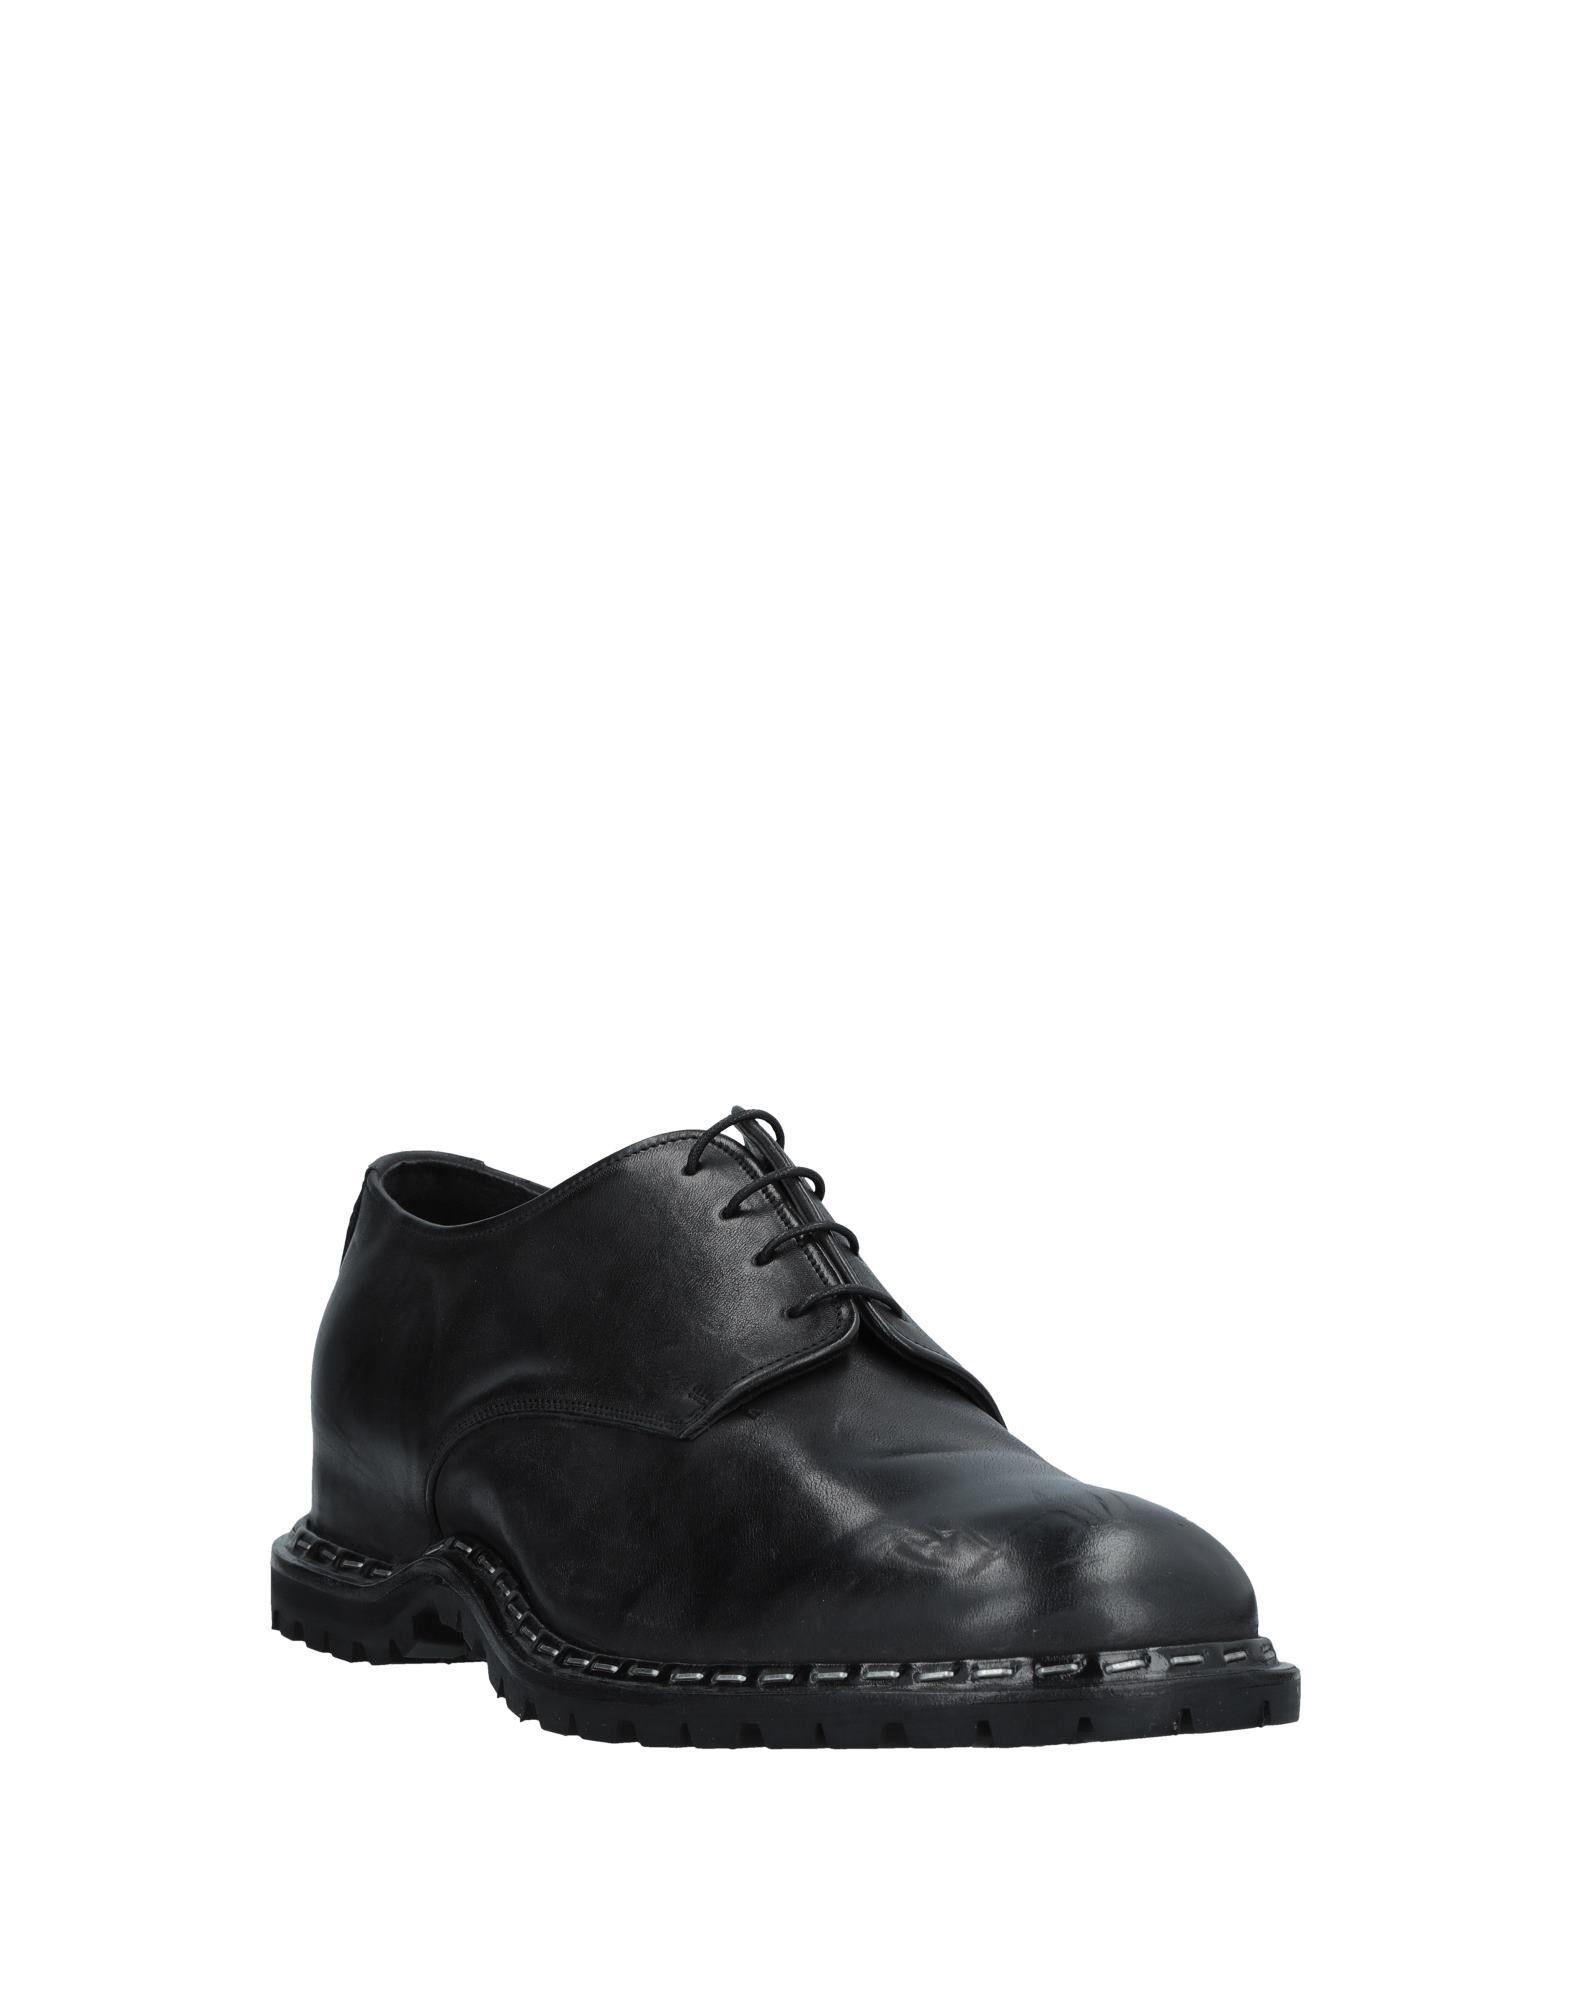 Premiata Schnürschuhe Herren  11530656FL Gute Qualität beliebte Schuhe